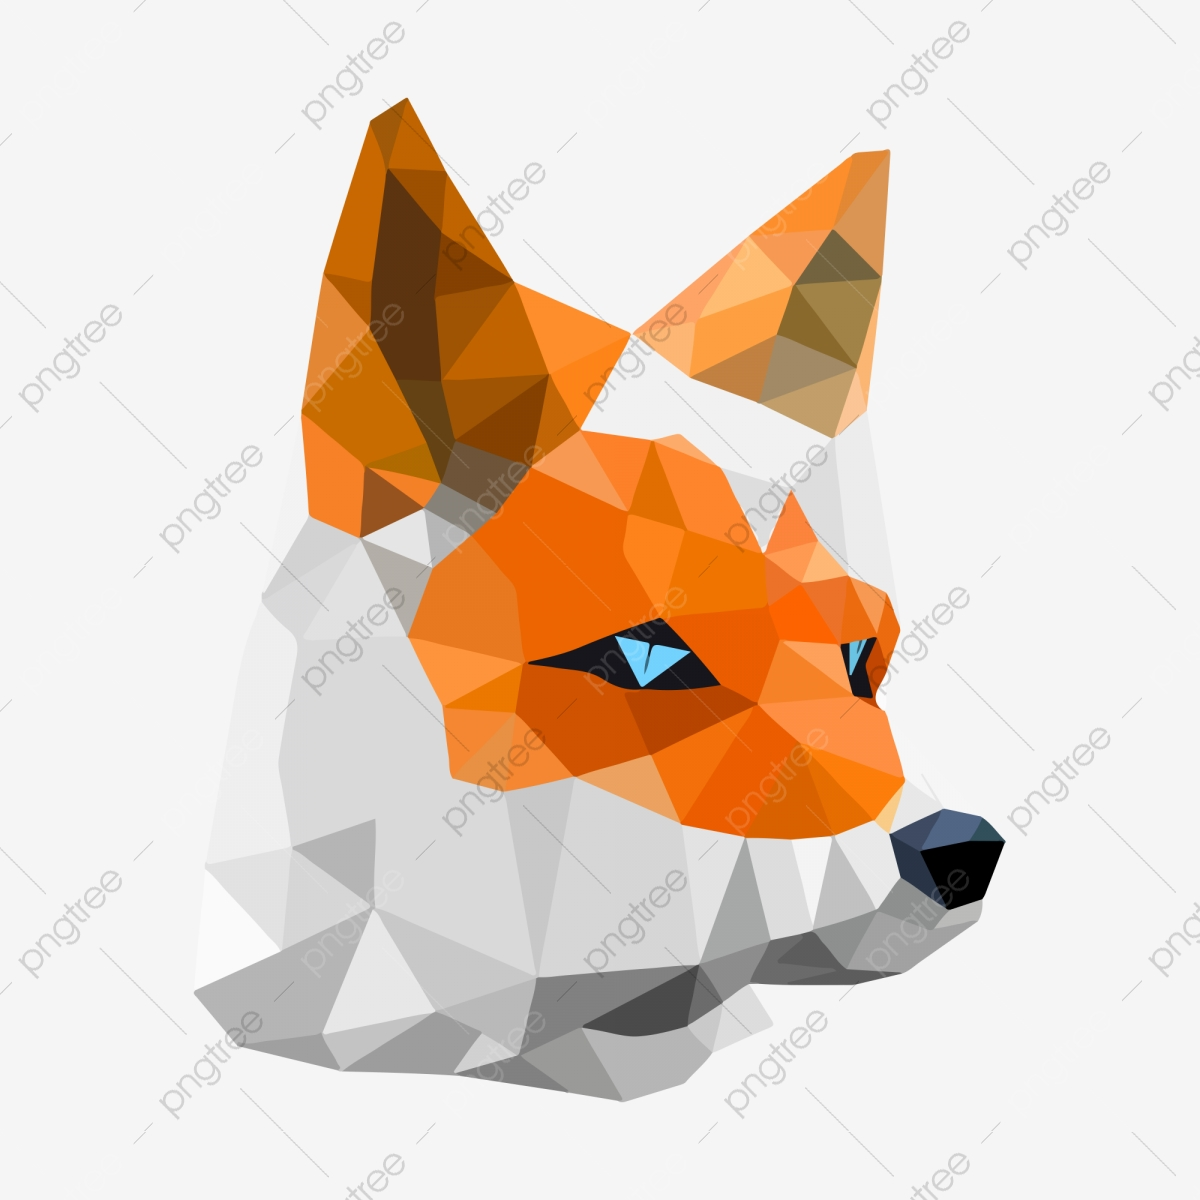 動物 オレンジ色 キツネ 低ポリゴン低 動物 ポリスタイル